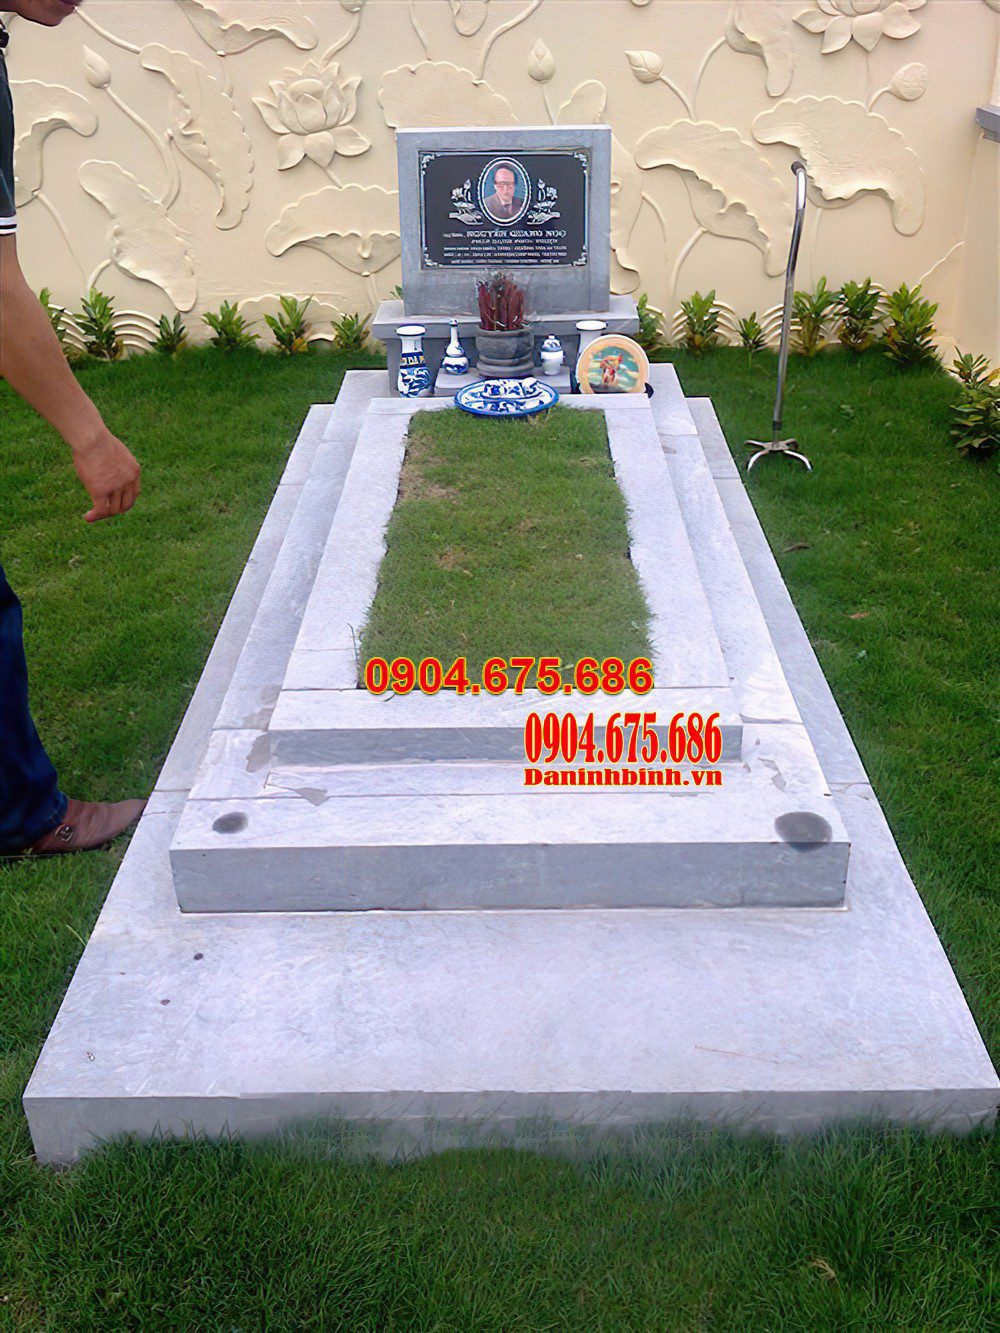 mộ tam cấp bằng đá trắng, mộ tam cấp bằng đá trắng đẹp